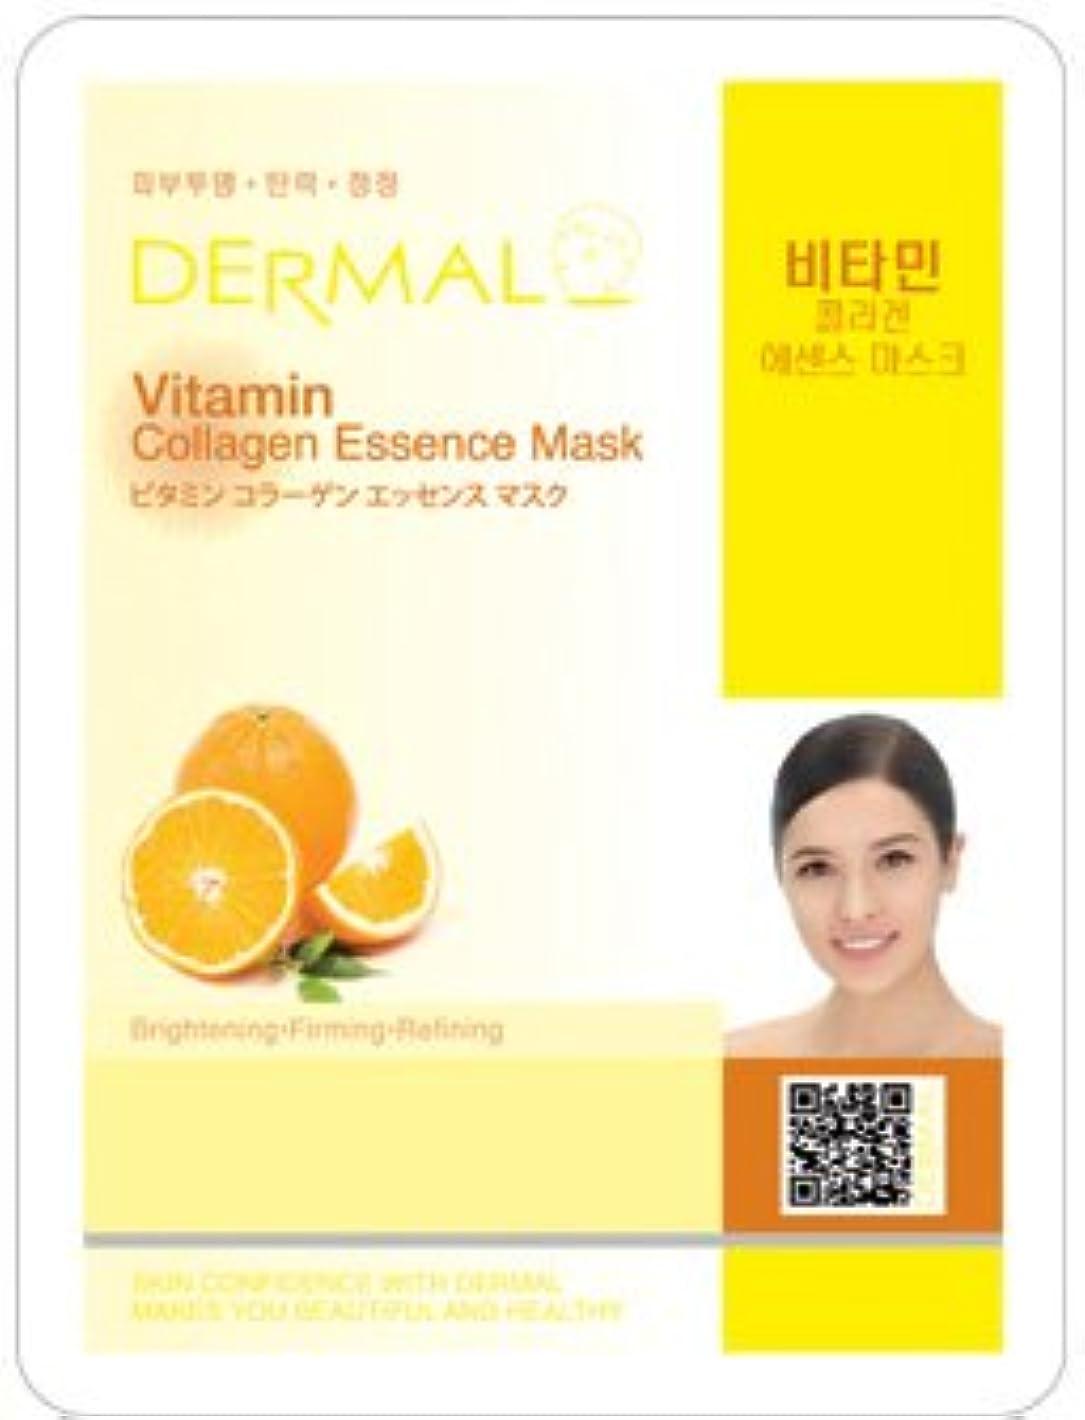 動物香り代理店シートマスク ビタミン 10枚セット ダーマル(Dermal) フェイス パック